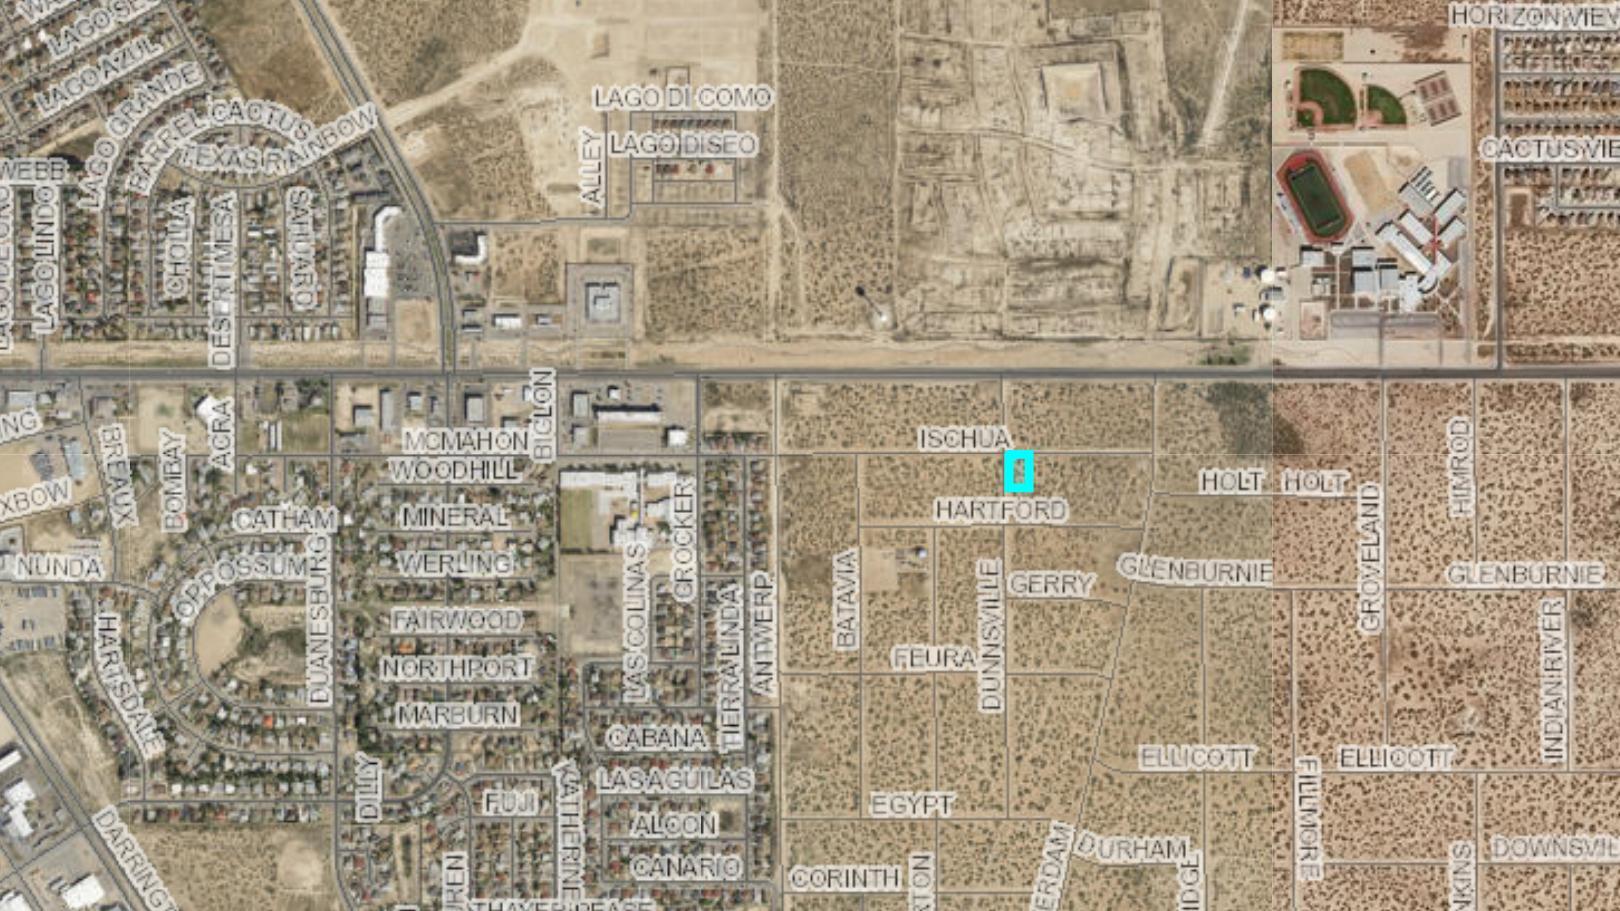 1 Ischua Avenue, Horizon City, Texas 79928, ,Land,For sale,Ischua,811940